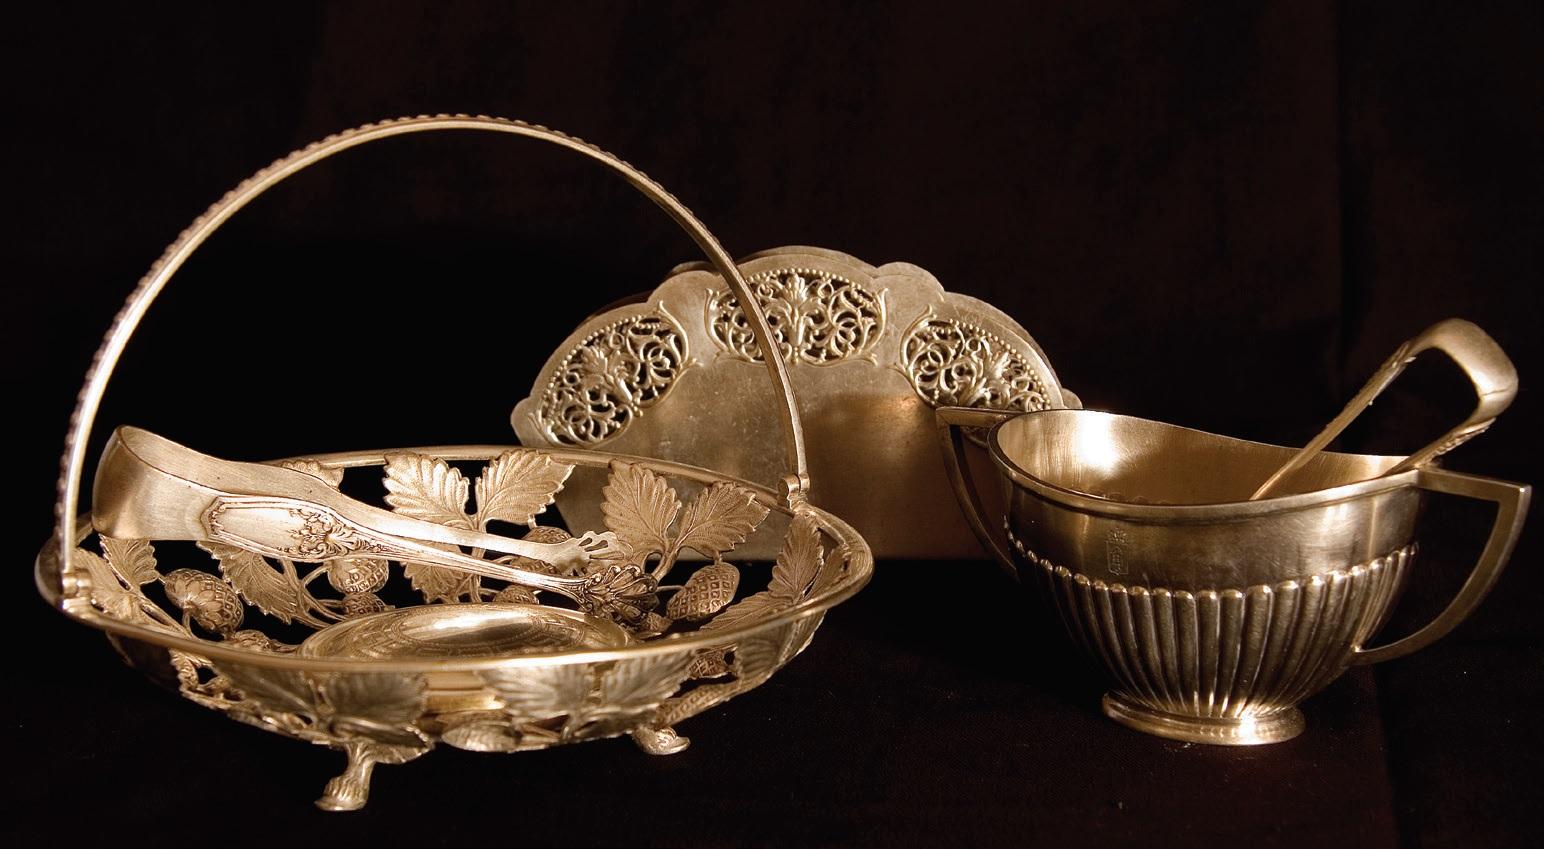 Stalo sidabras, tarp jų – krepšelis desertams patiekti, cukraus žnyplės. Rokiškio krašto muziejus